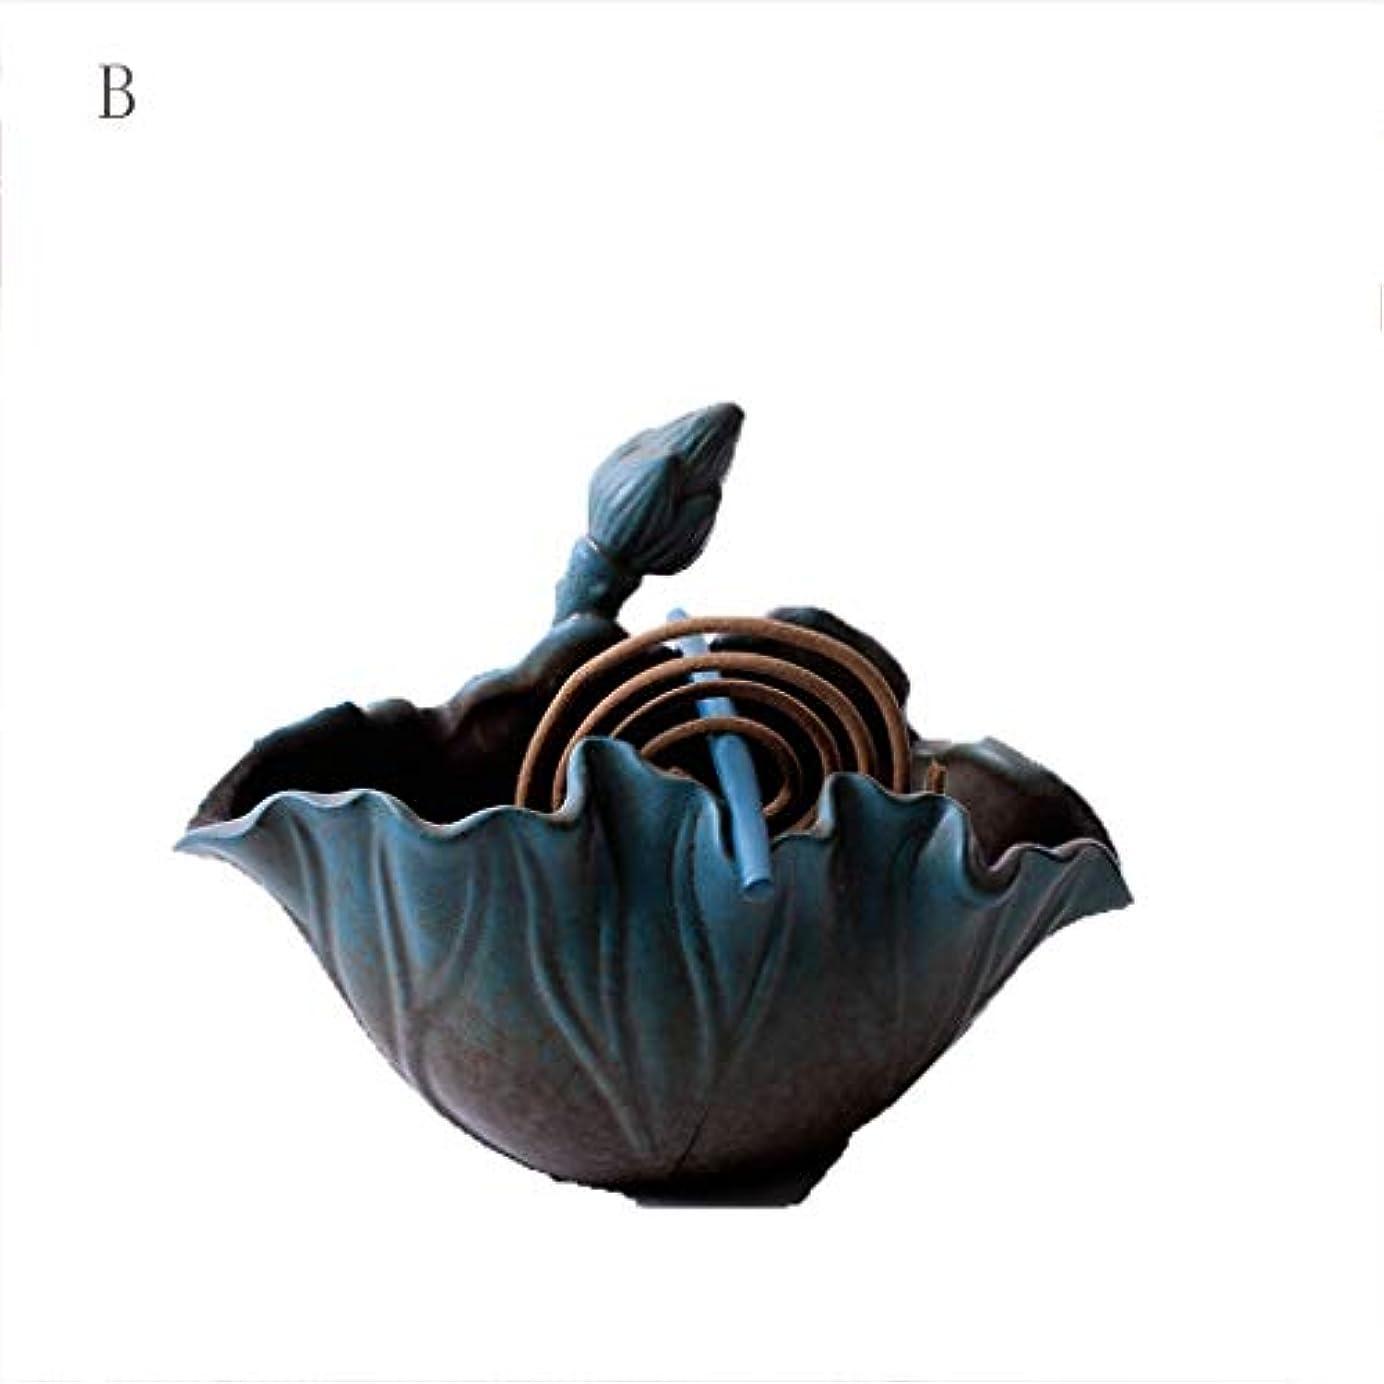 幾何学連合ミスペンドホームアロマバーナー クリエイティブお香バーナーロータス香インサートセラミック皿白檀炉蚊香バーナー茶道 アロマバーナー (サイズ : B)